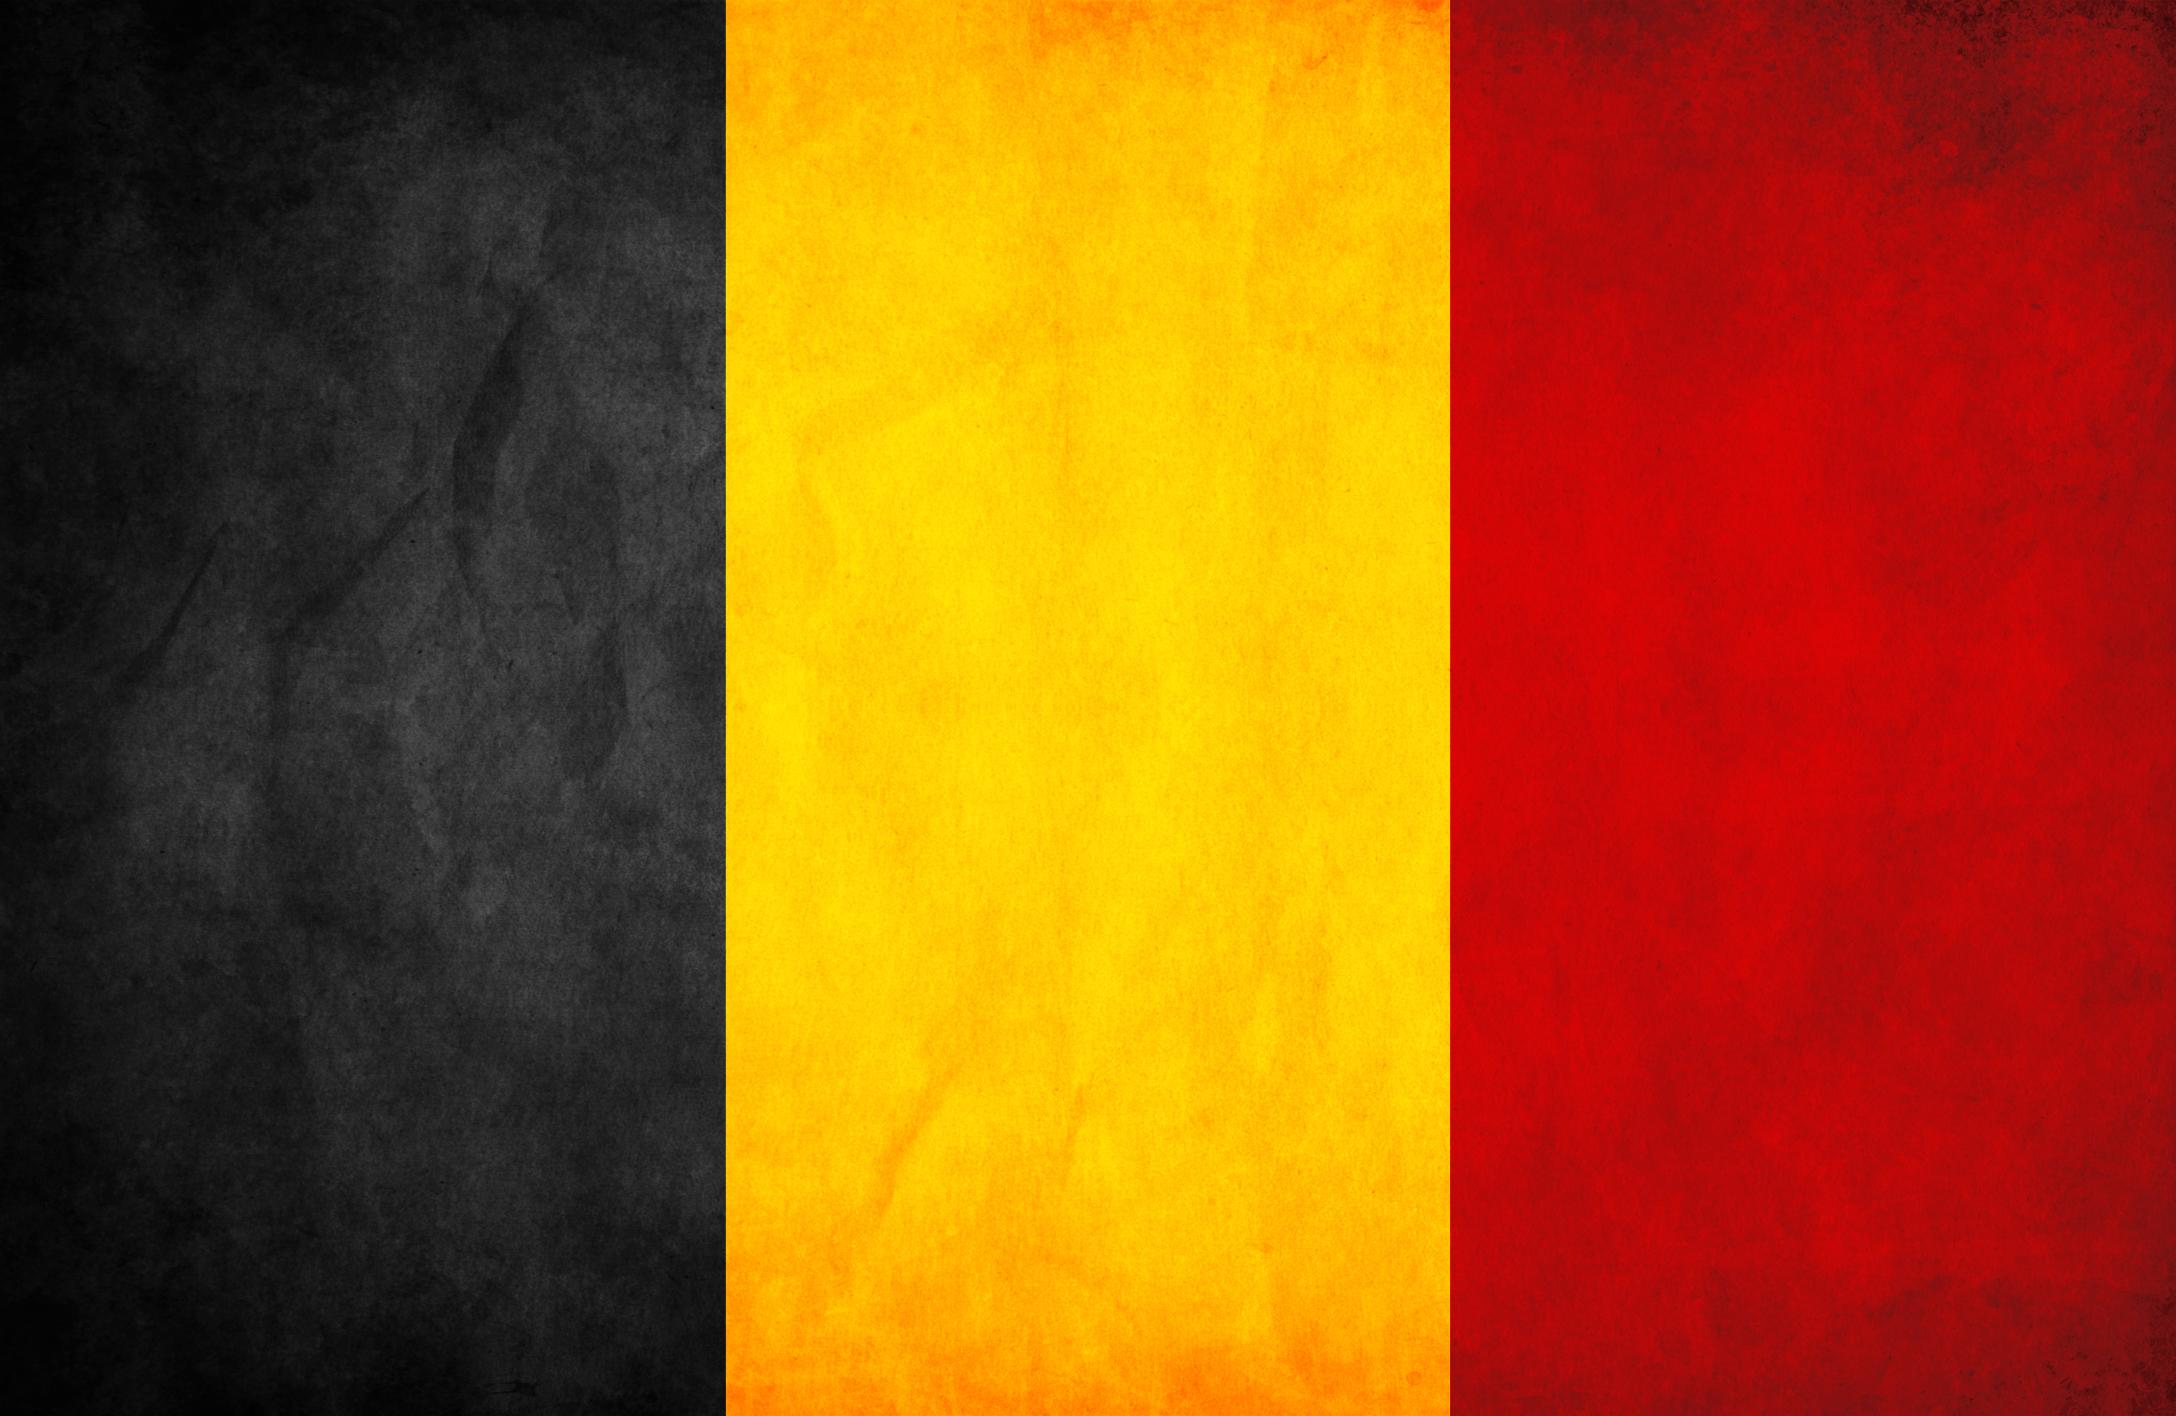 flag_of_belgium_wallpaper-other.jpg